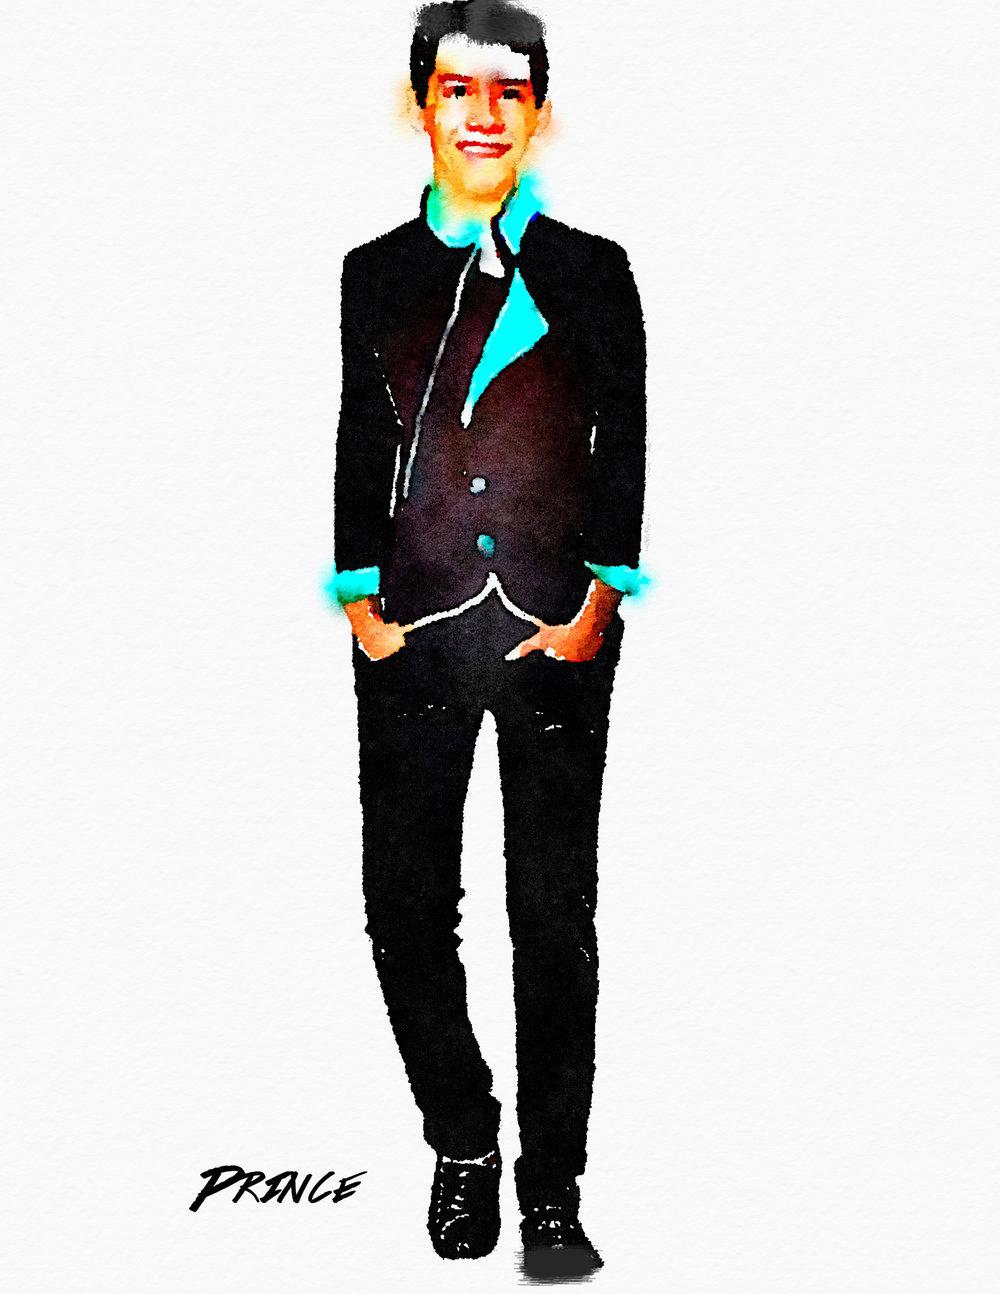 Prince copy.jpg